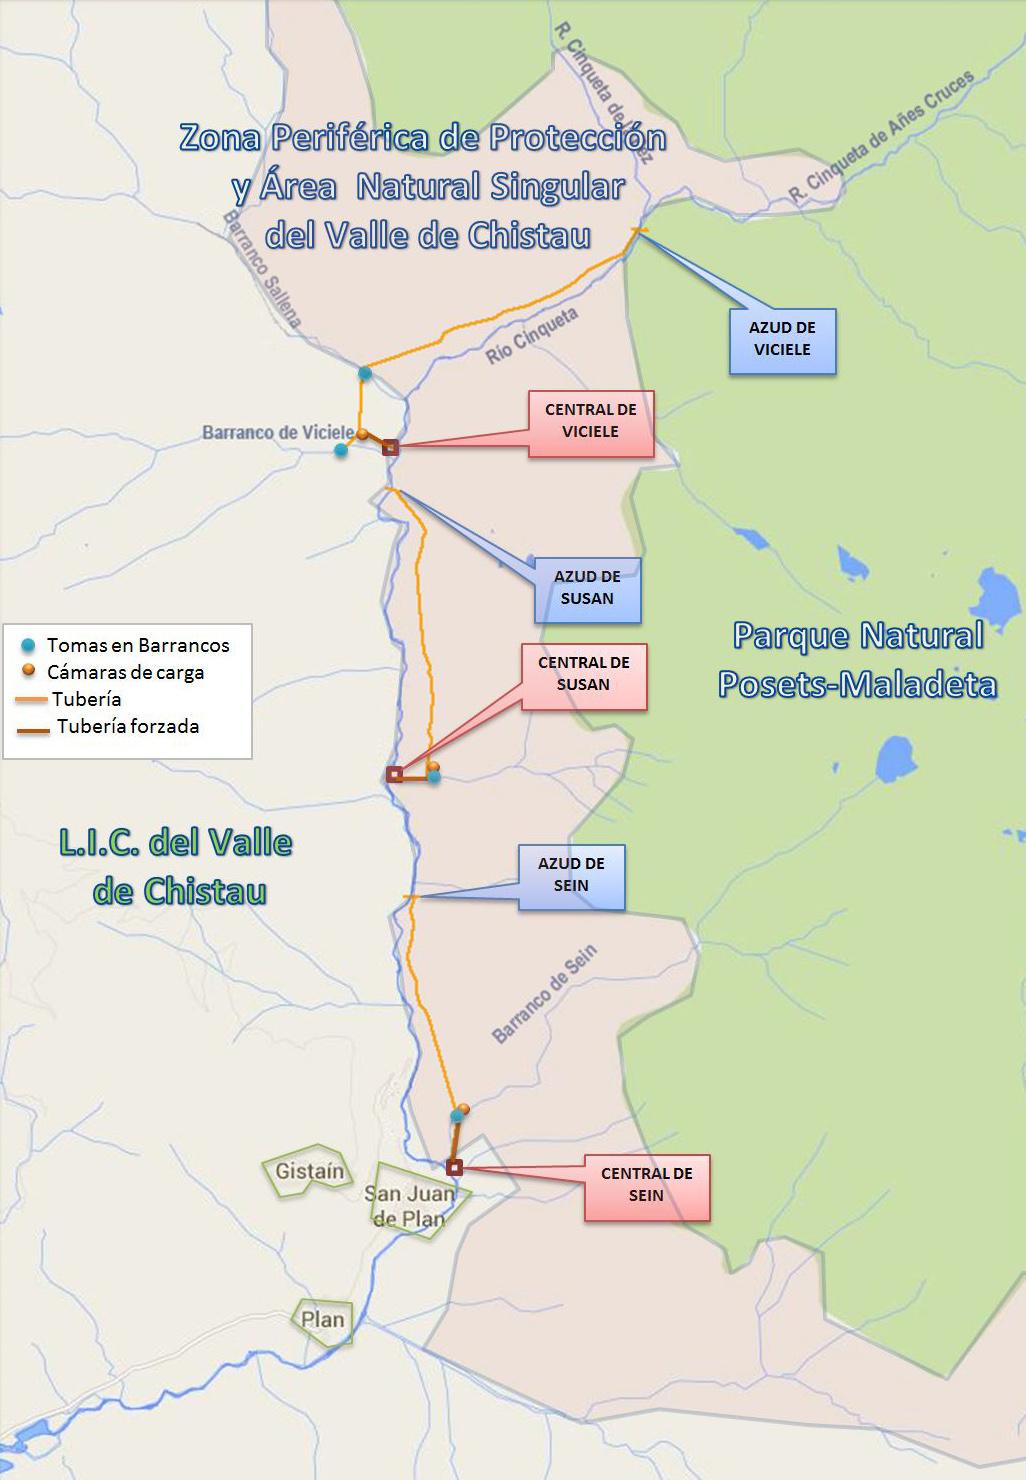 Mapa del proyecto de minicentrales del Valle de Chistau, a las puertas del Parque Natural Posets-maladeta